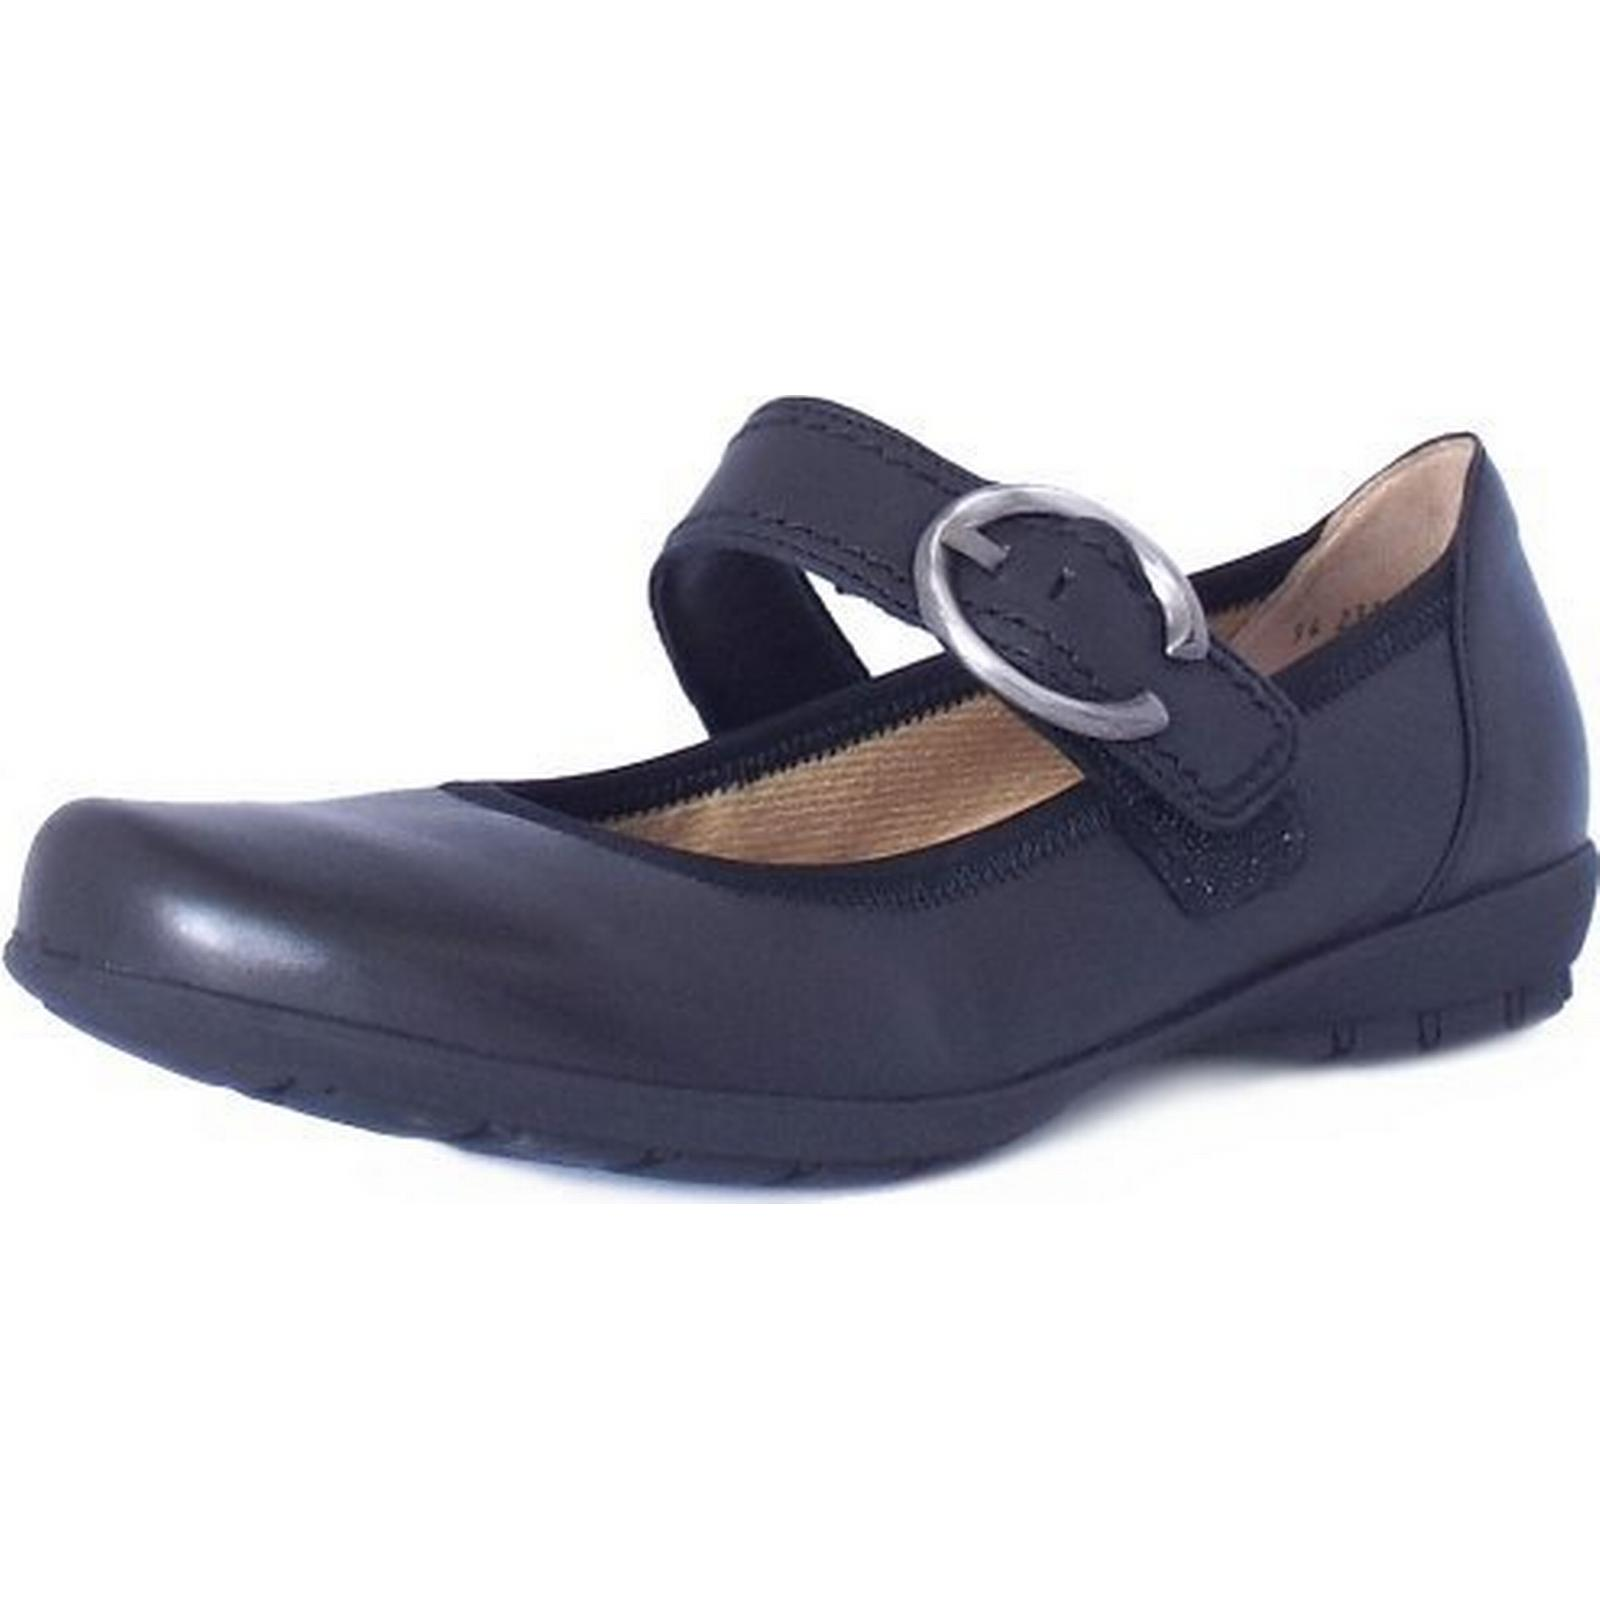 Gabor BISS GABOR LADIES SHOES 94 230 27 Size: 3.5, 3.5, Size: Colour: BLACK a6ec95